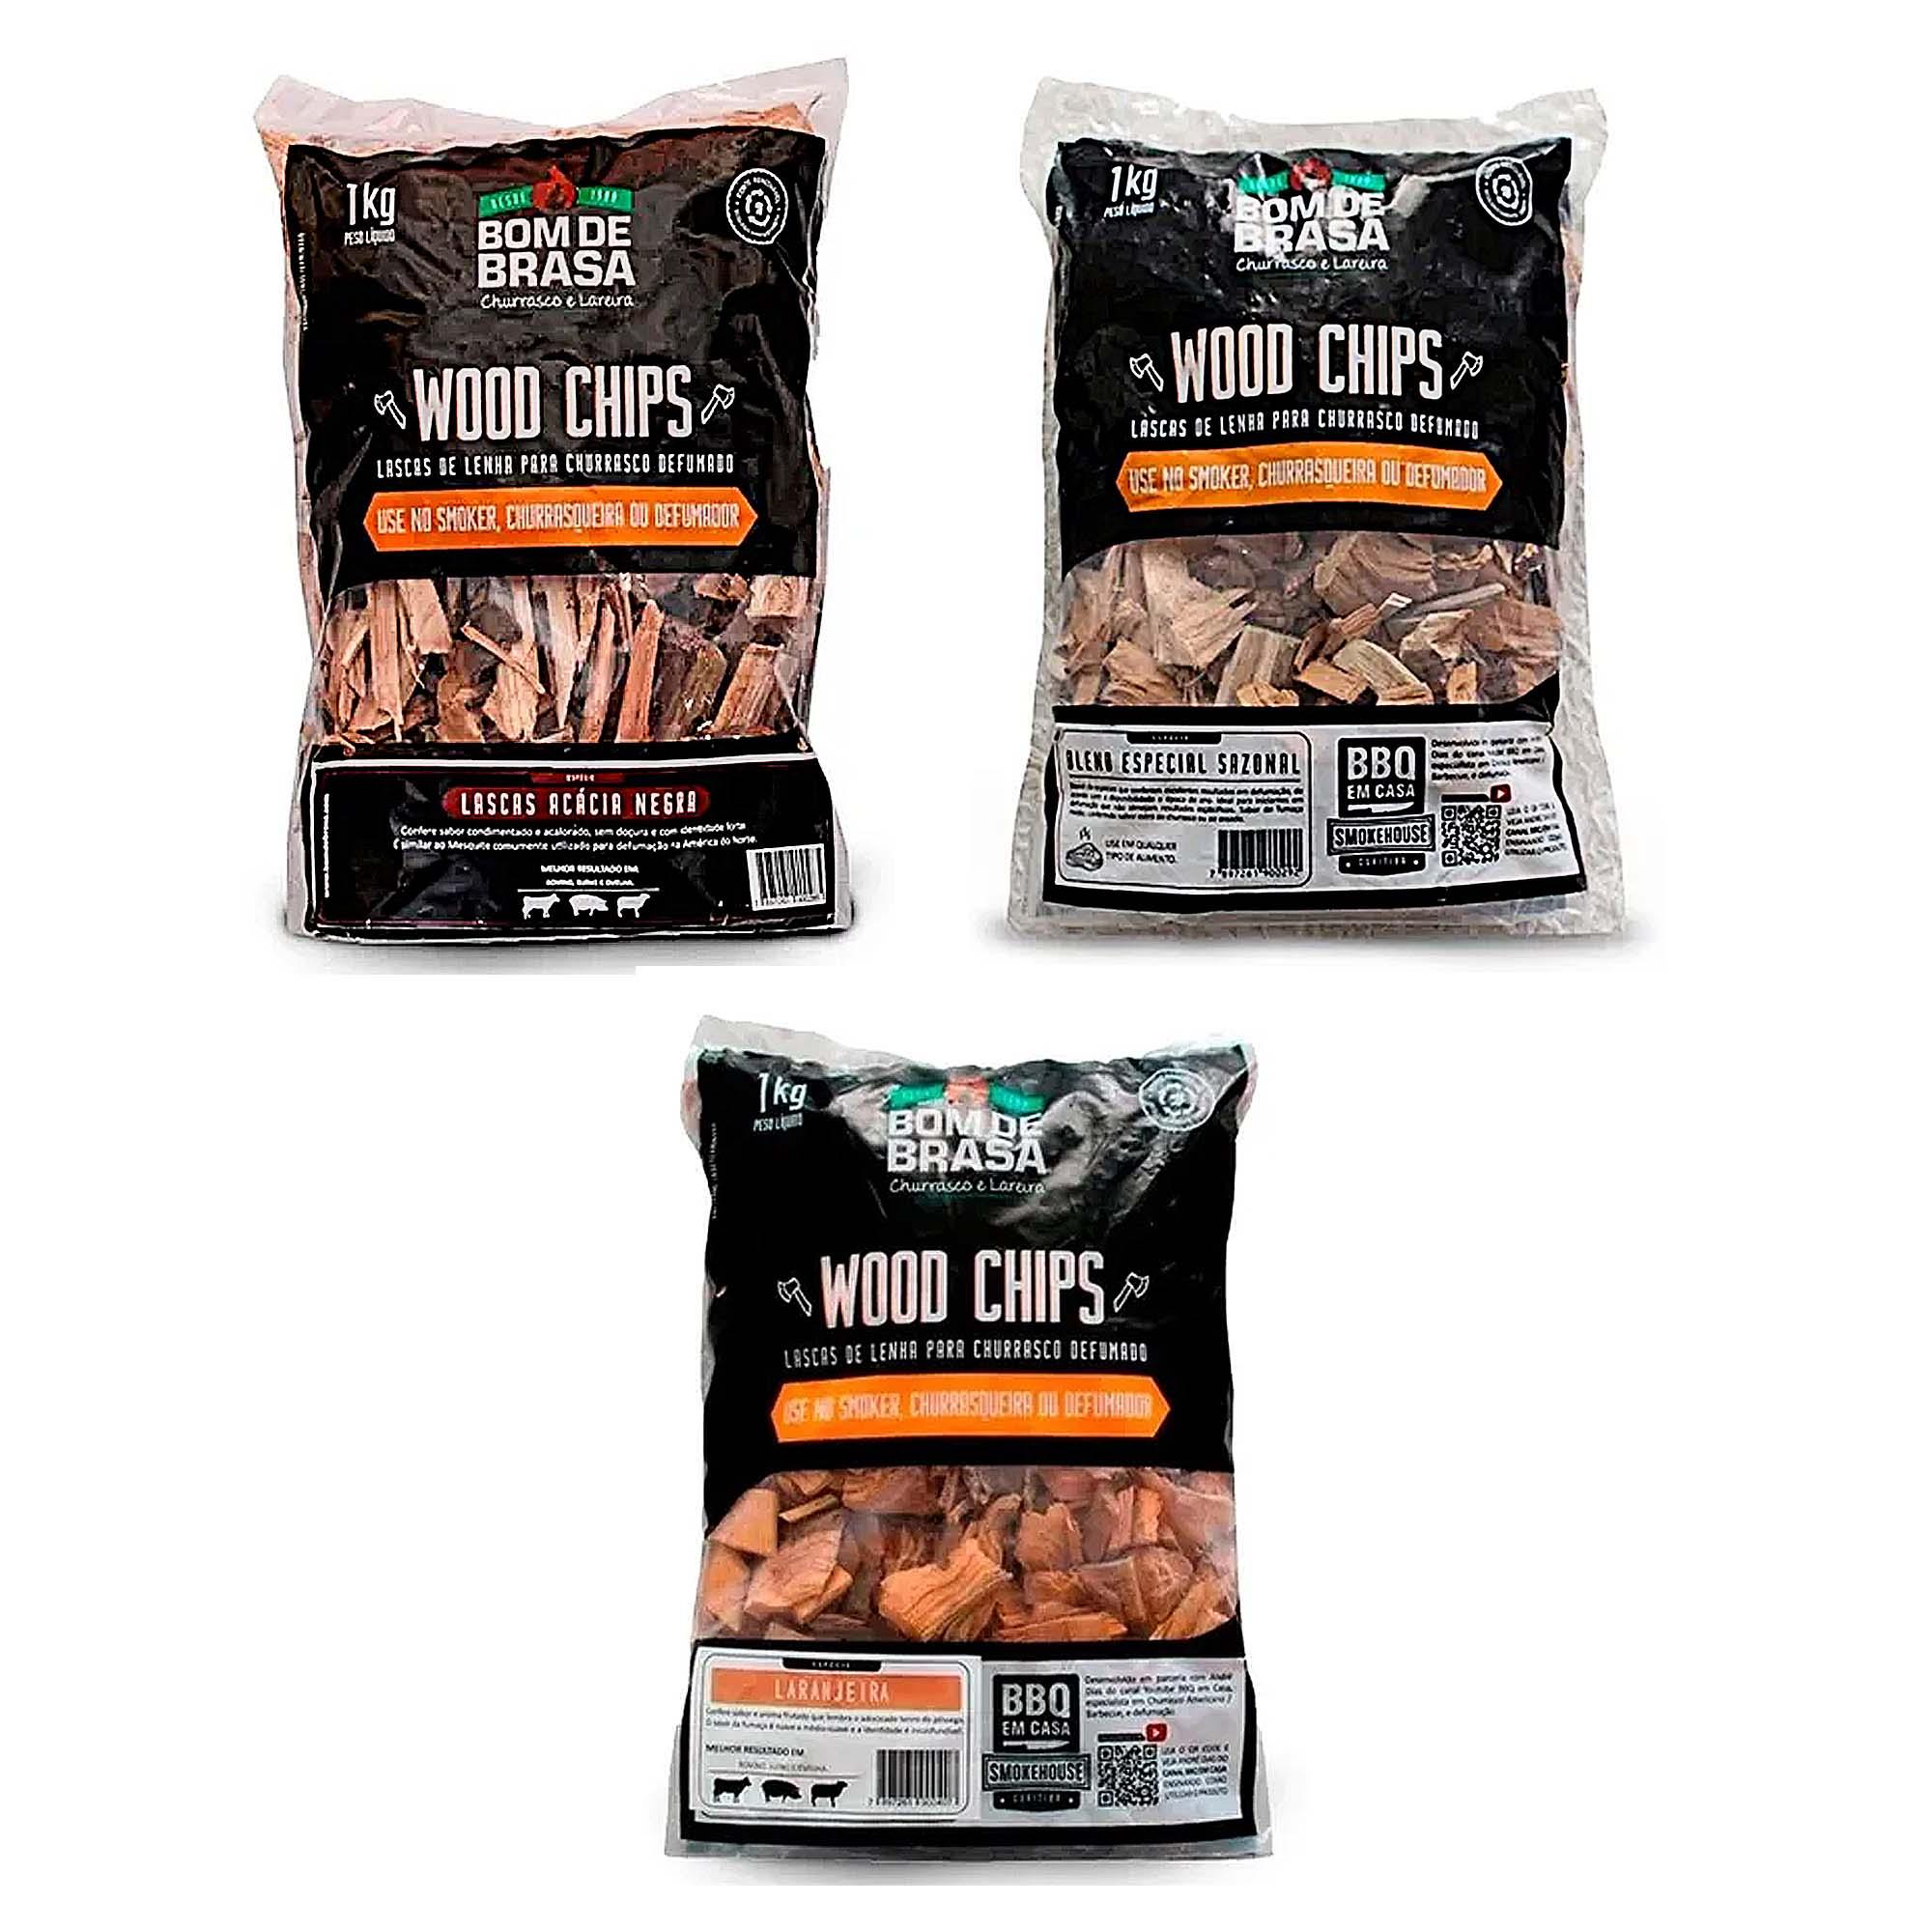 Lascas de Lenha Para Defumação Woods Chips 1kg - Vários Sabores